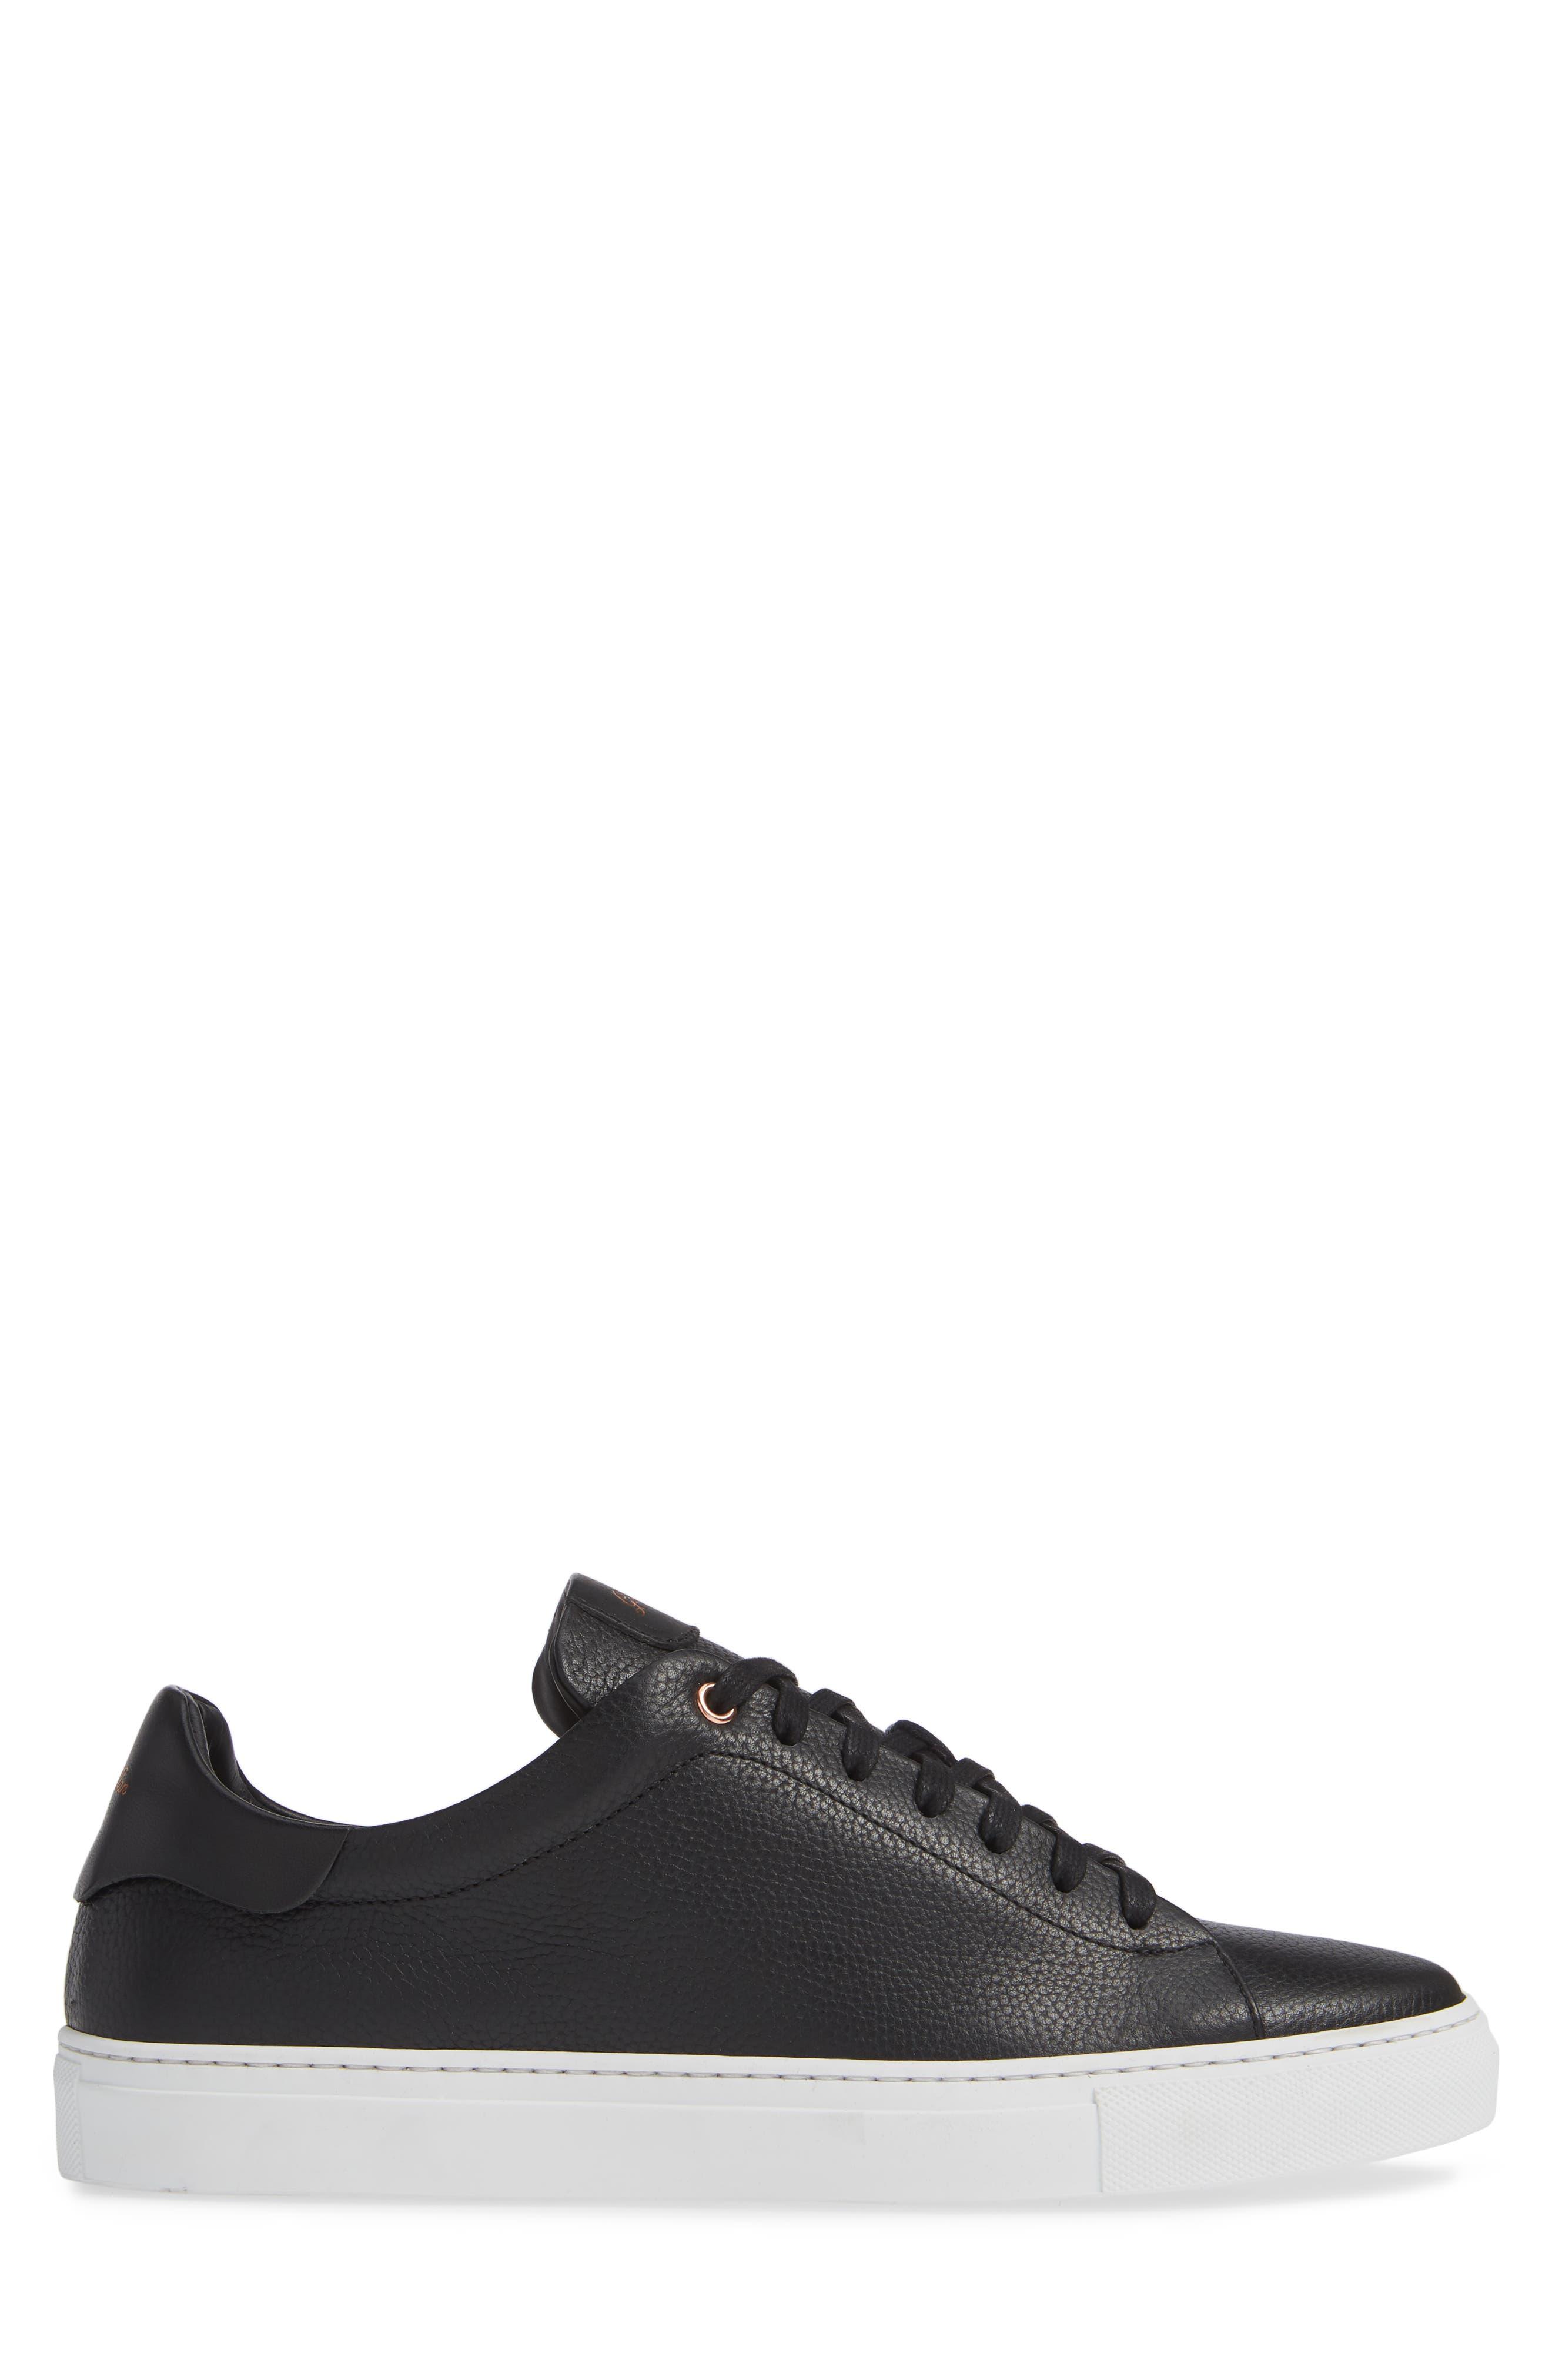 Legend Low Top Sneaker,                             Alternate thumbnail 3, color,                             BLACK PEBBLE LEATHER